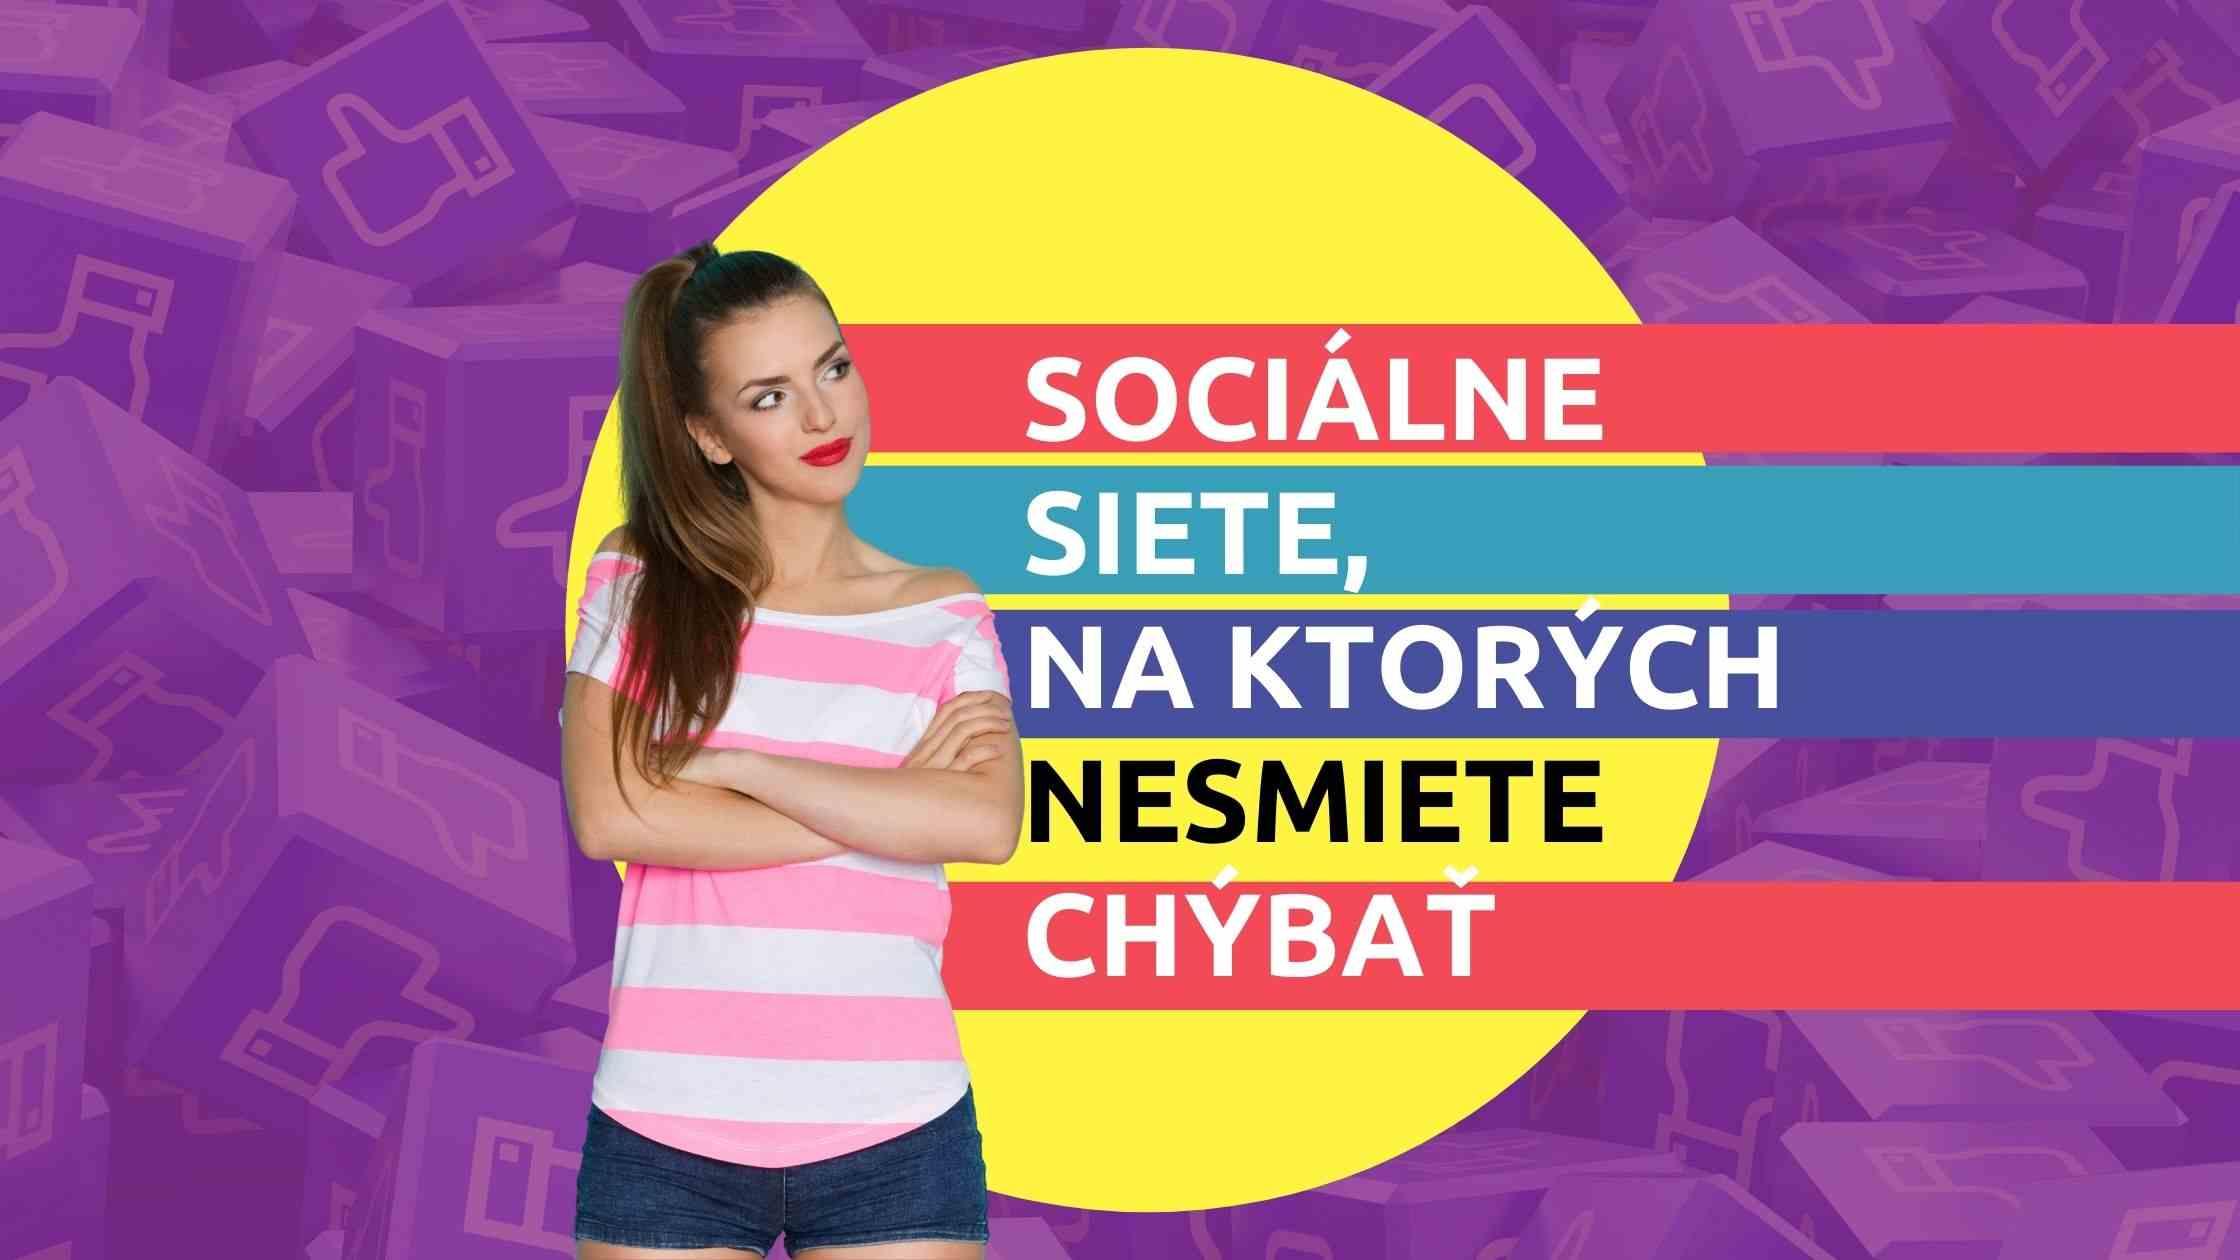 Článok na Marketing pre salóny - Sociálne siete, na ktorých nesmiete chýbať